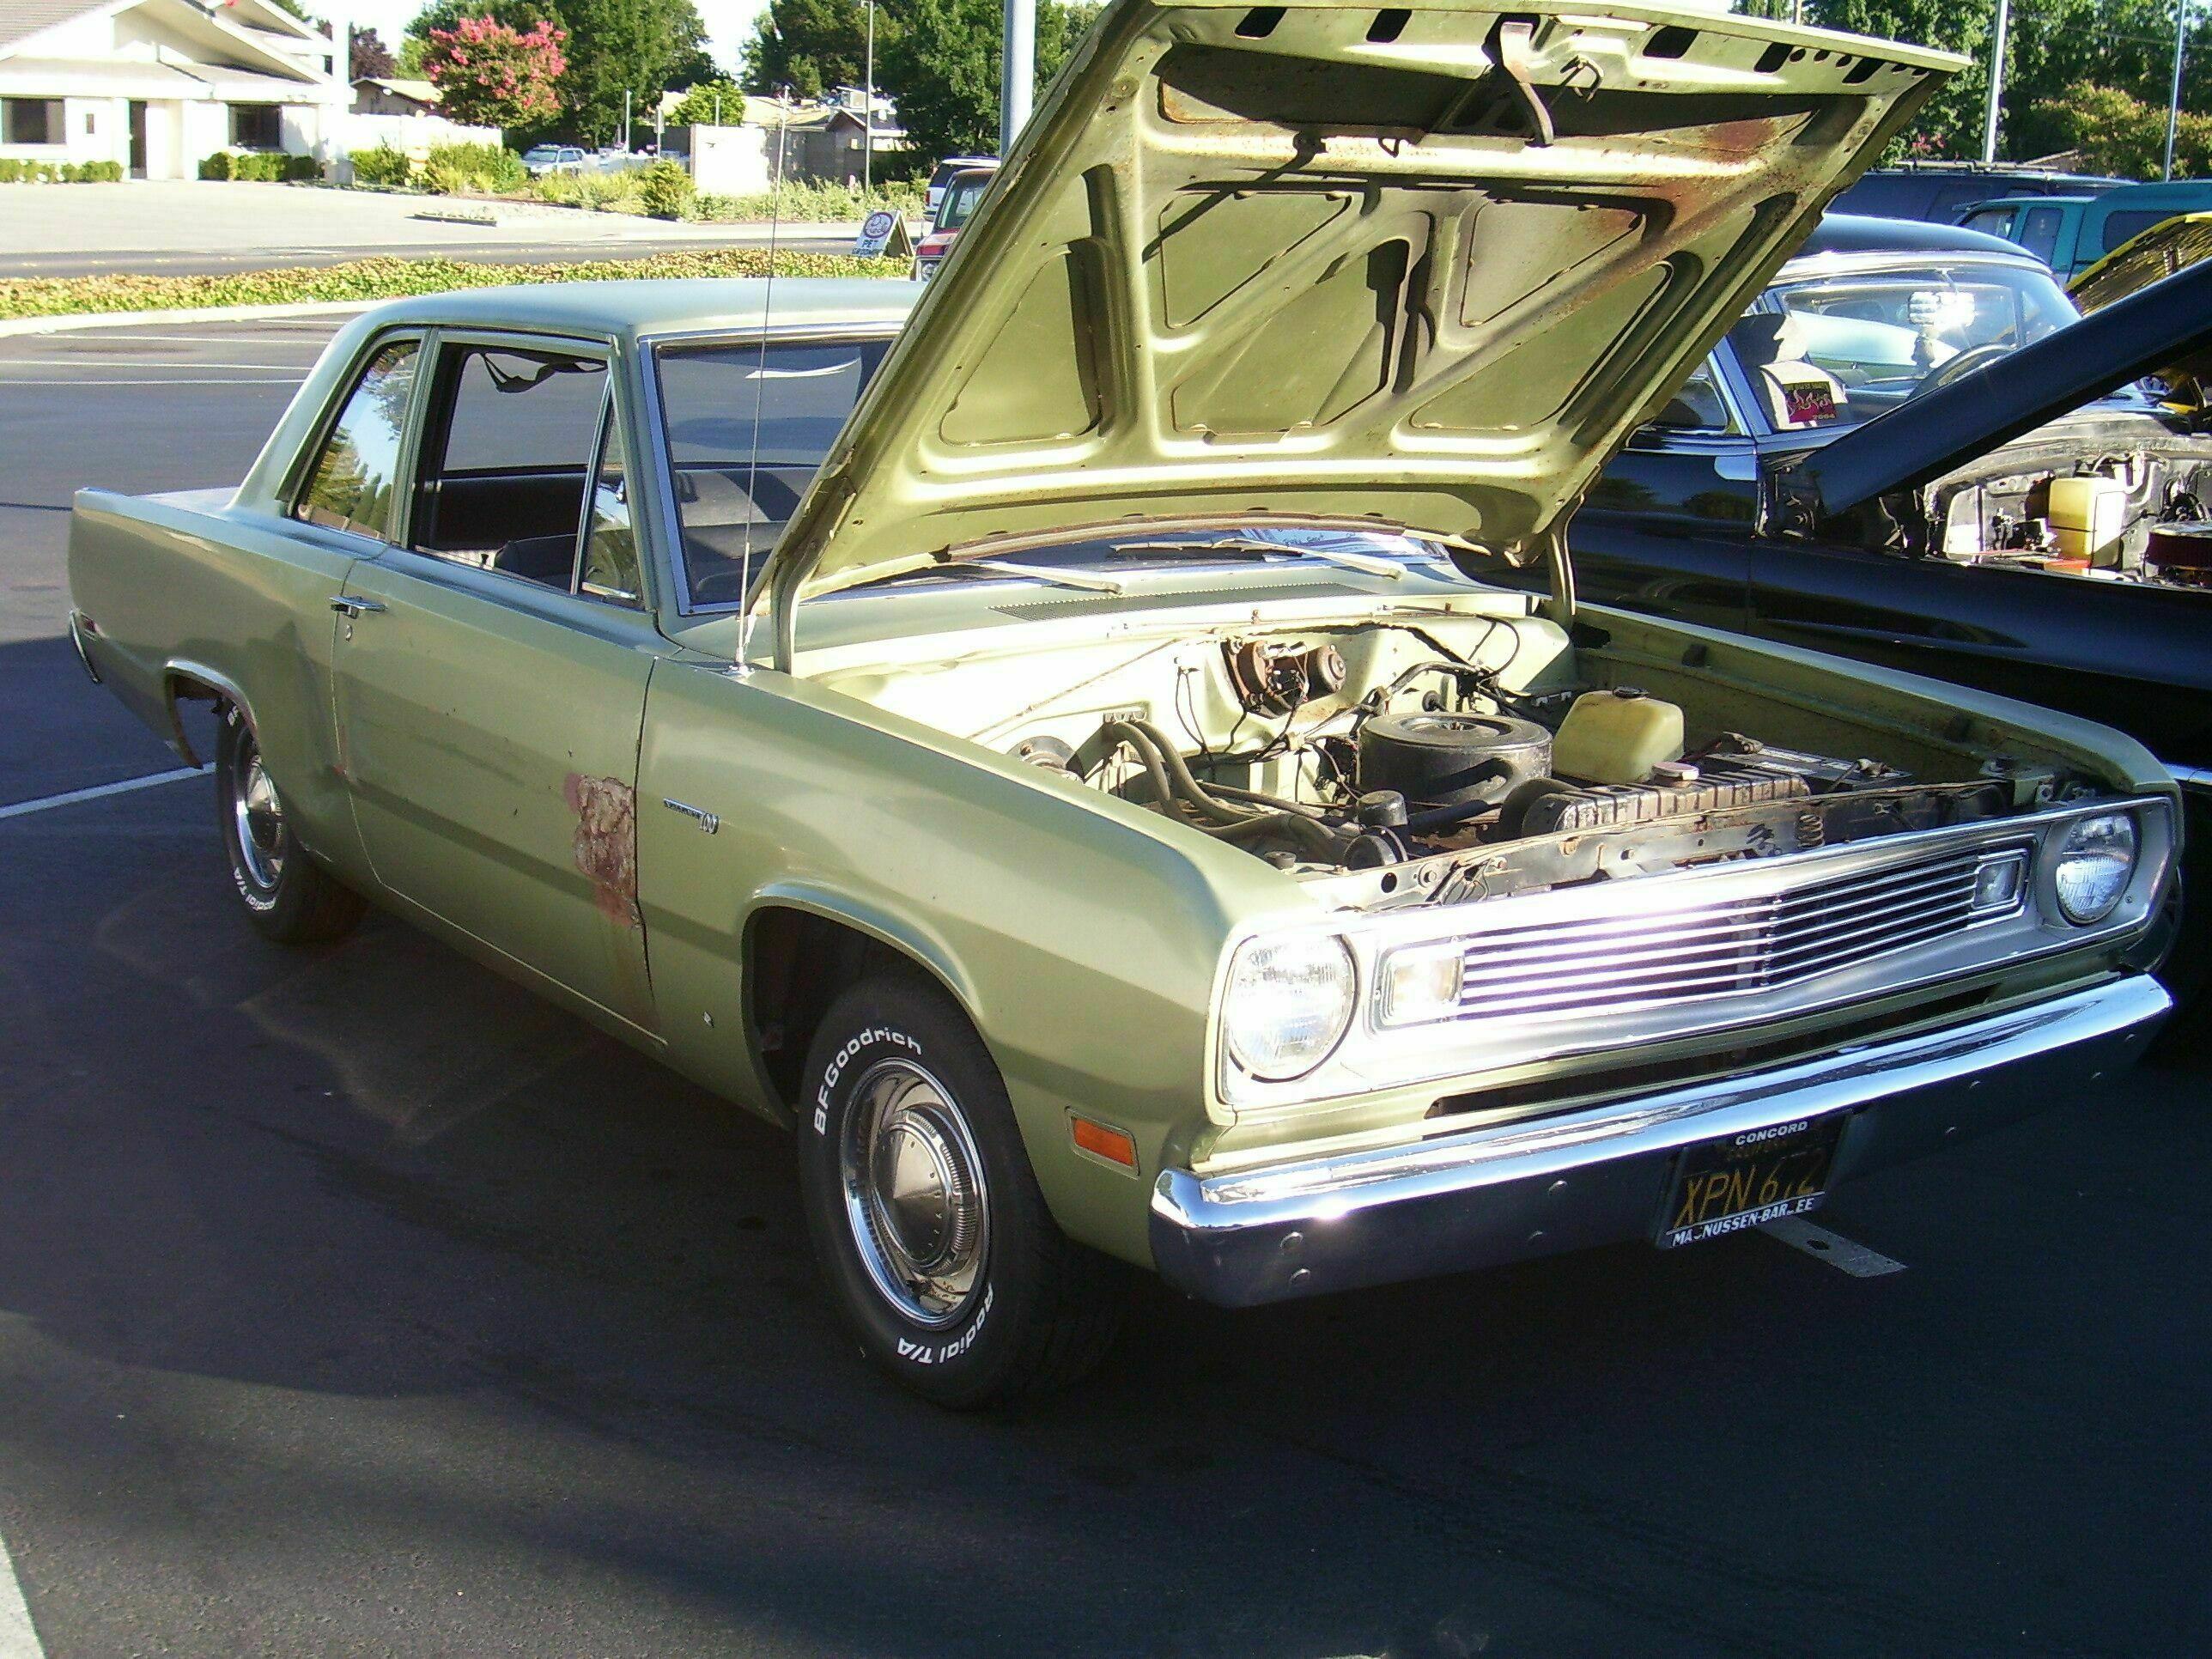 1969 Plymouth Valiant 100 1969 Plymouth Valiant 1920 x